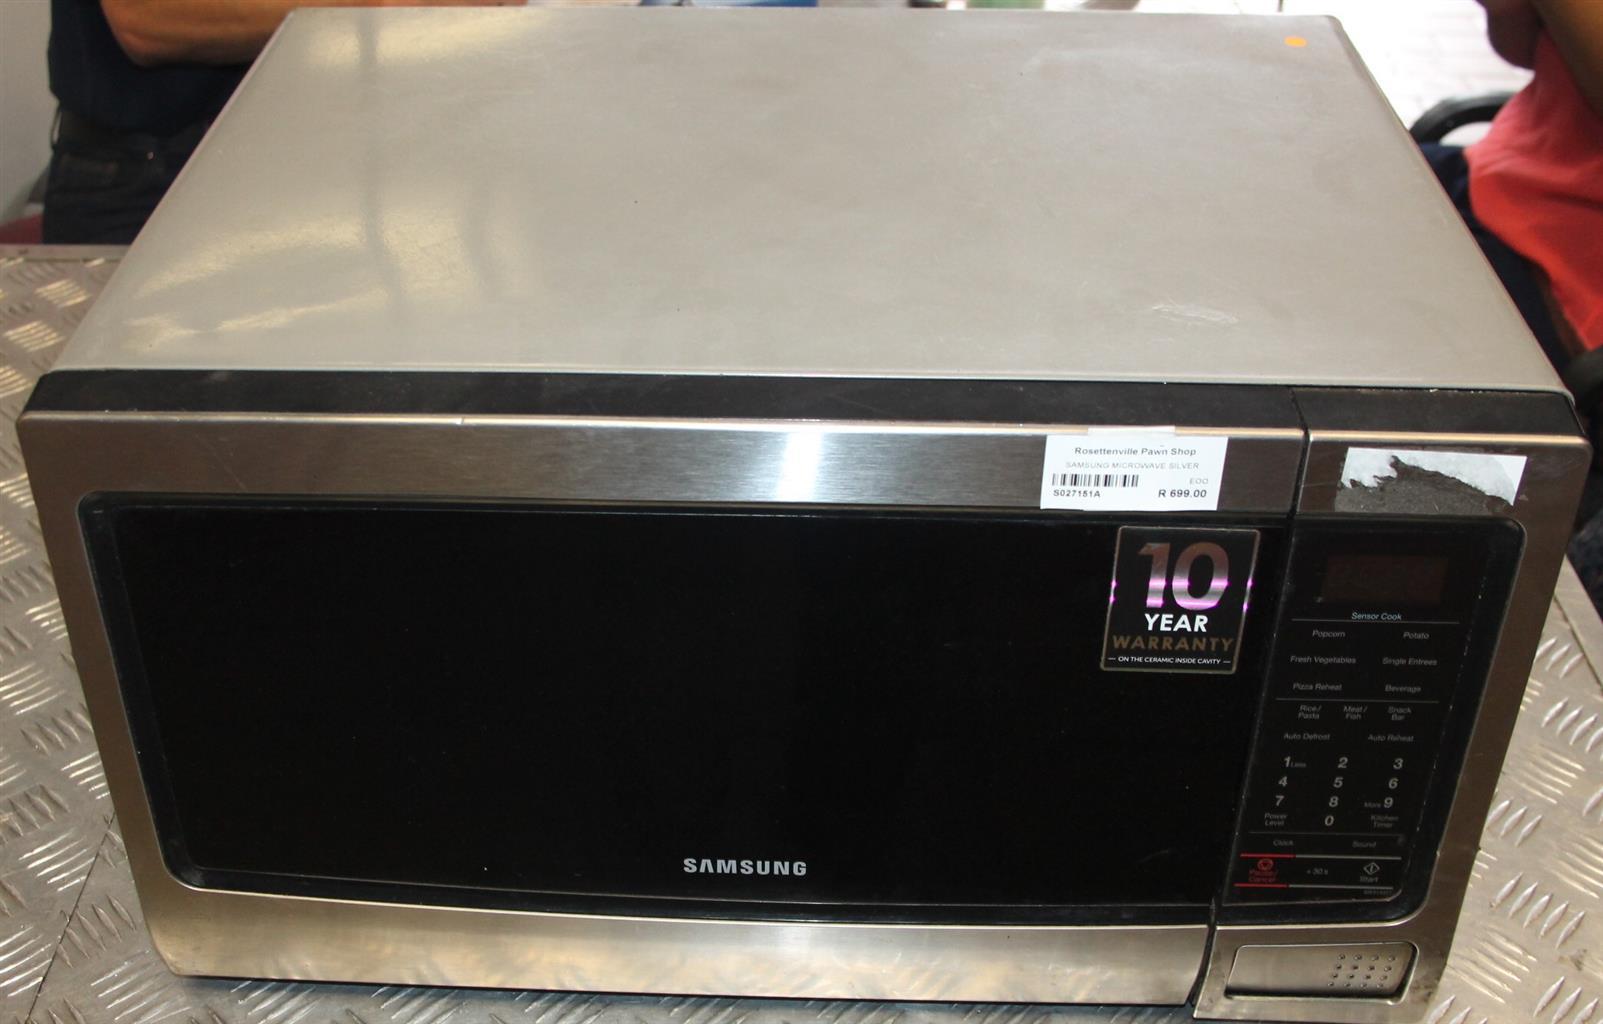 Samsung microwave S027151a #Rosettenvillepawnshop